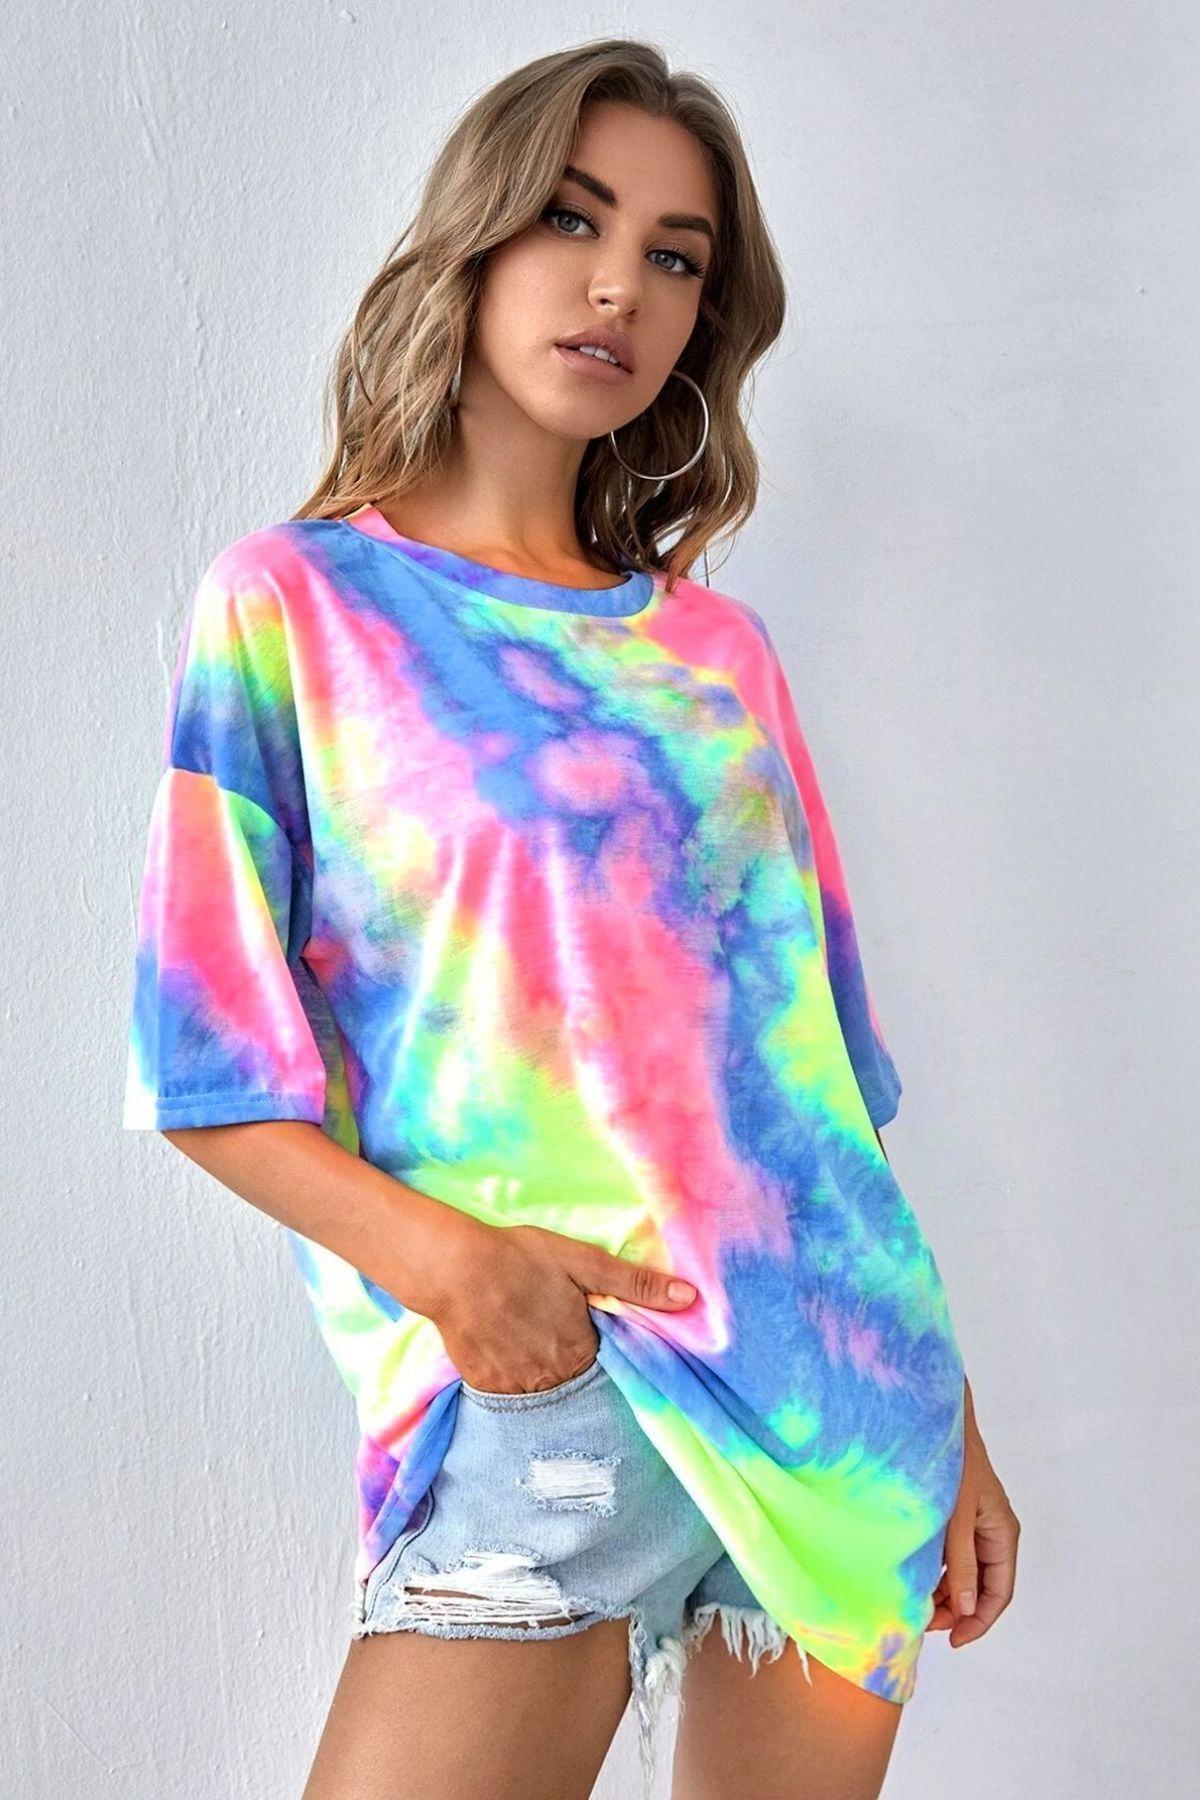 Kadın Gökkuşağı Batik Desenli Oversize T-shirt